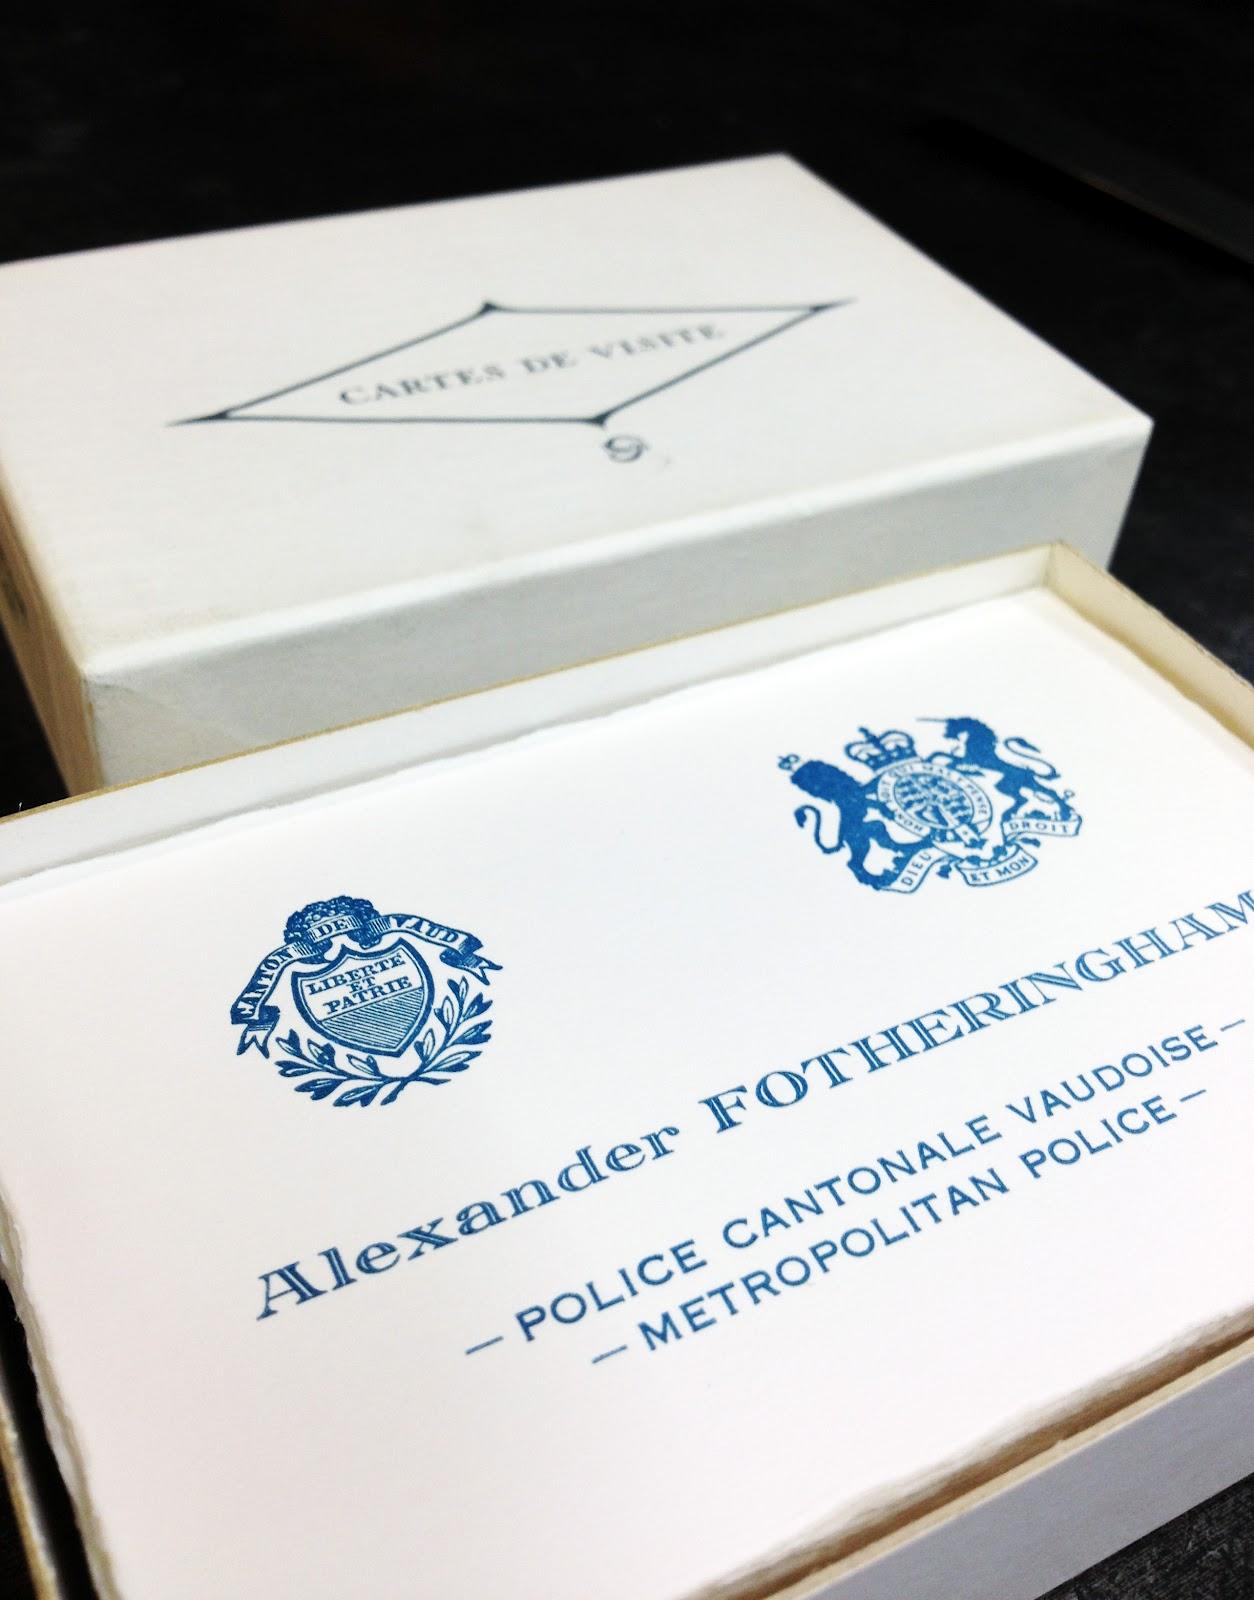 Pour Cette Occasion Et La Premiere Fois Annee Un Petit Souvenir De Leur Passage En Terre Vaudoise Sous Forme Cartes Visite